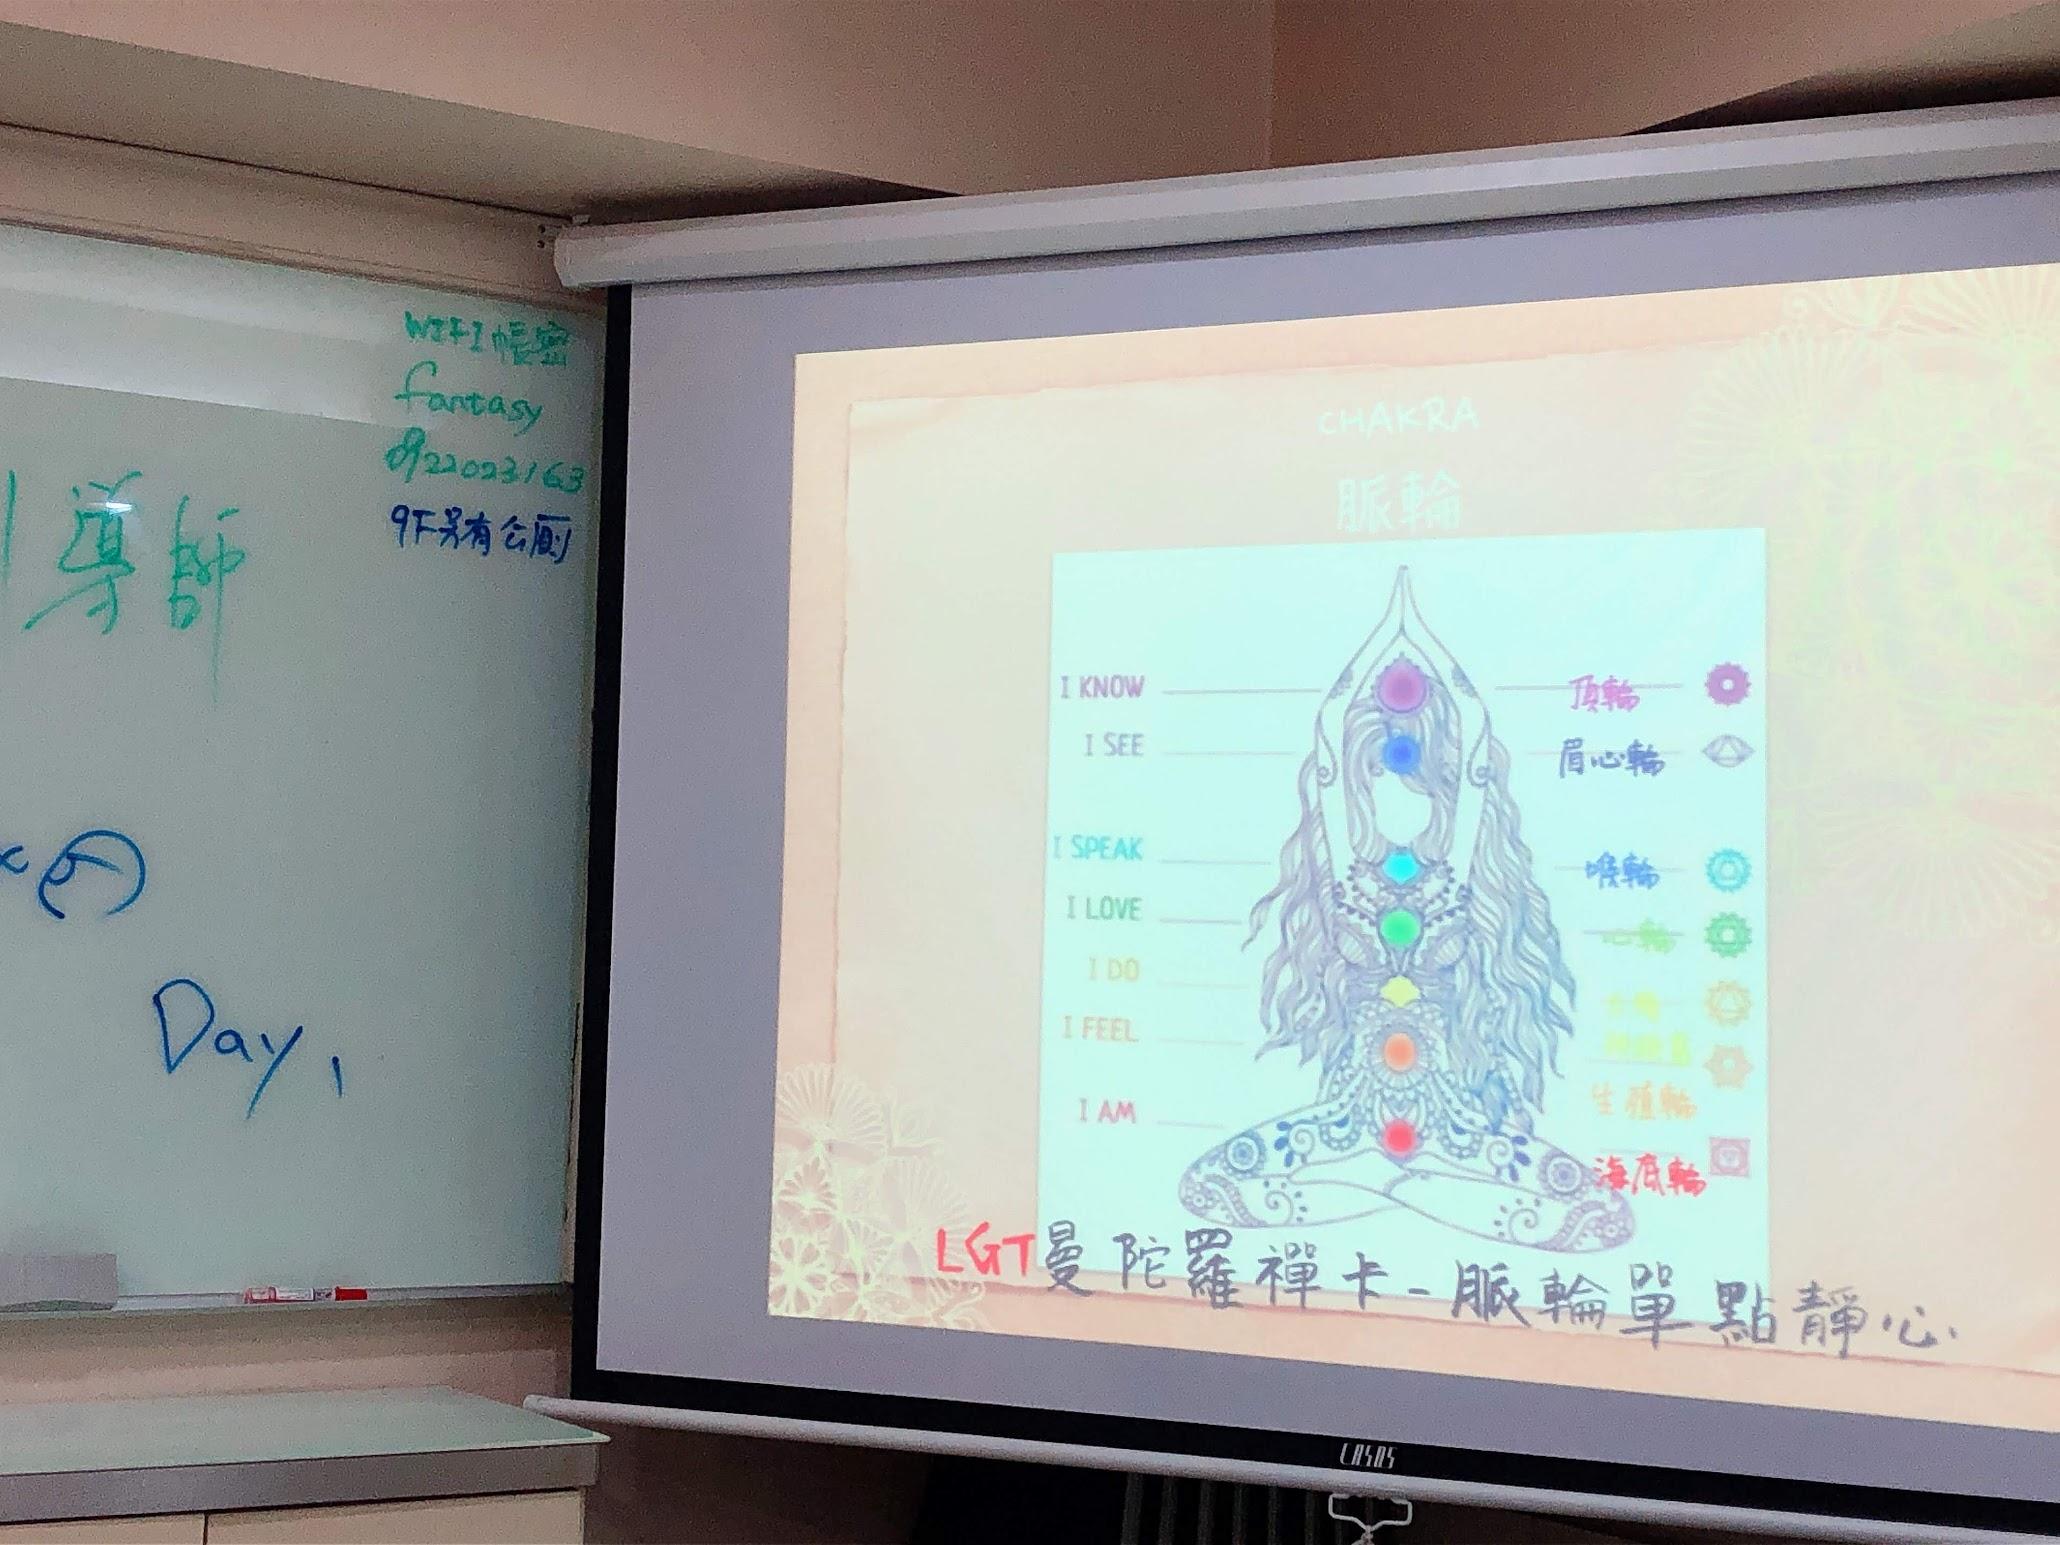 台北學塔羅占卜-LGT狂想塔羅解密課程心得分享,陳寬泰老師直覺式塔羅訓練,學塔羅好簡單! @秤瓶樂遊遊